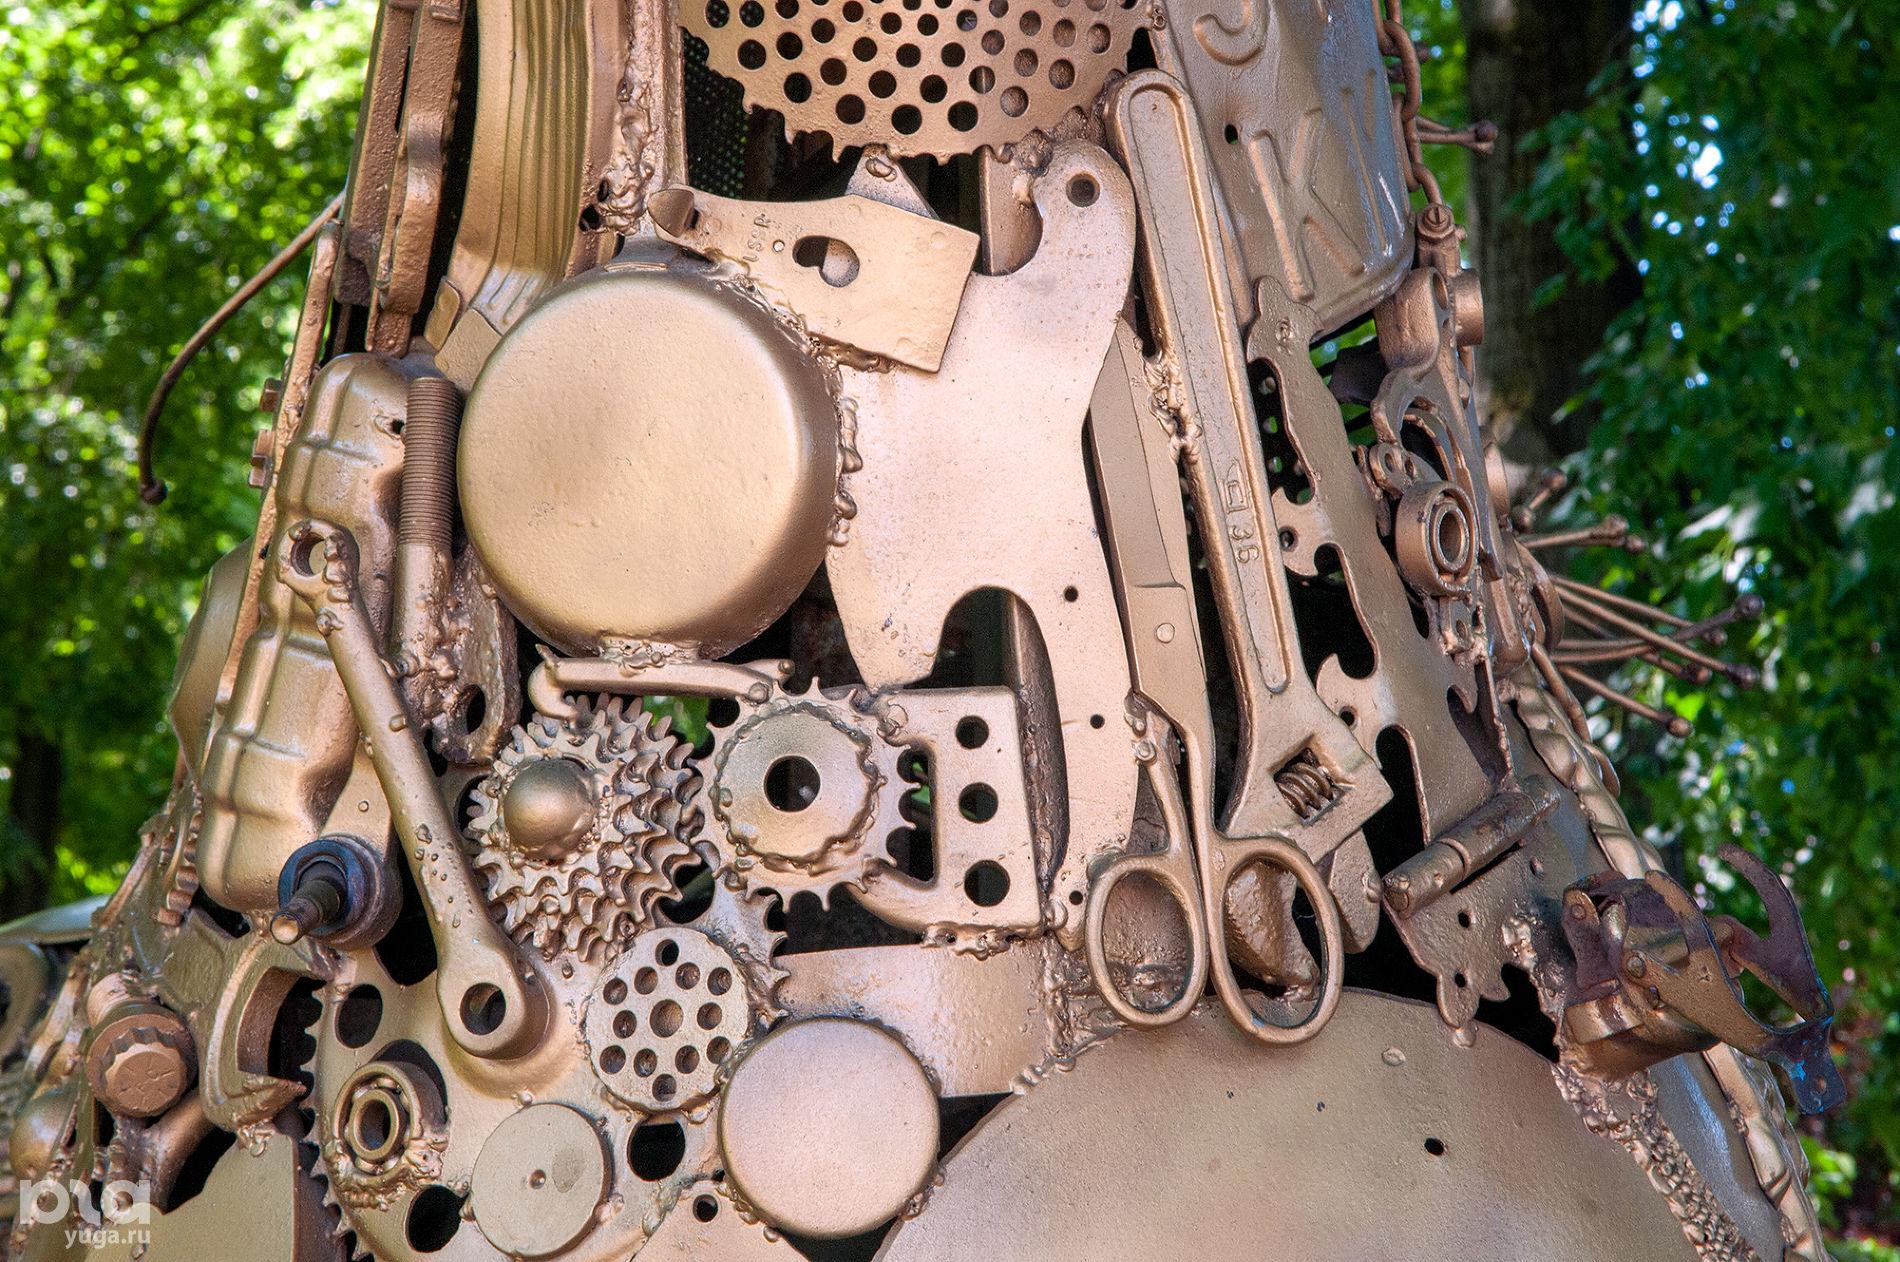 Скульптура «Механическая кобыла» в Молодежном сквере ©Фото Дмитрия Пославского, Юга.ру